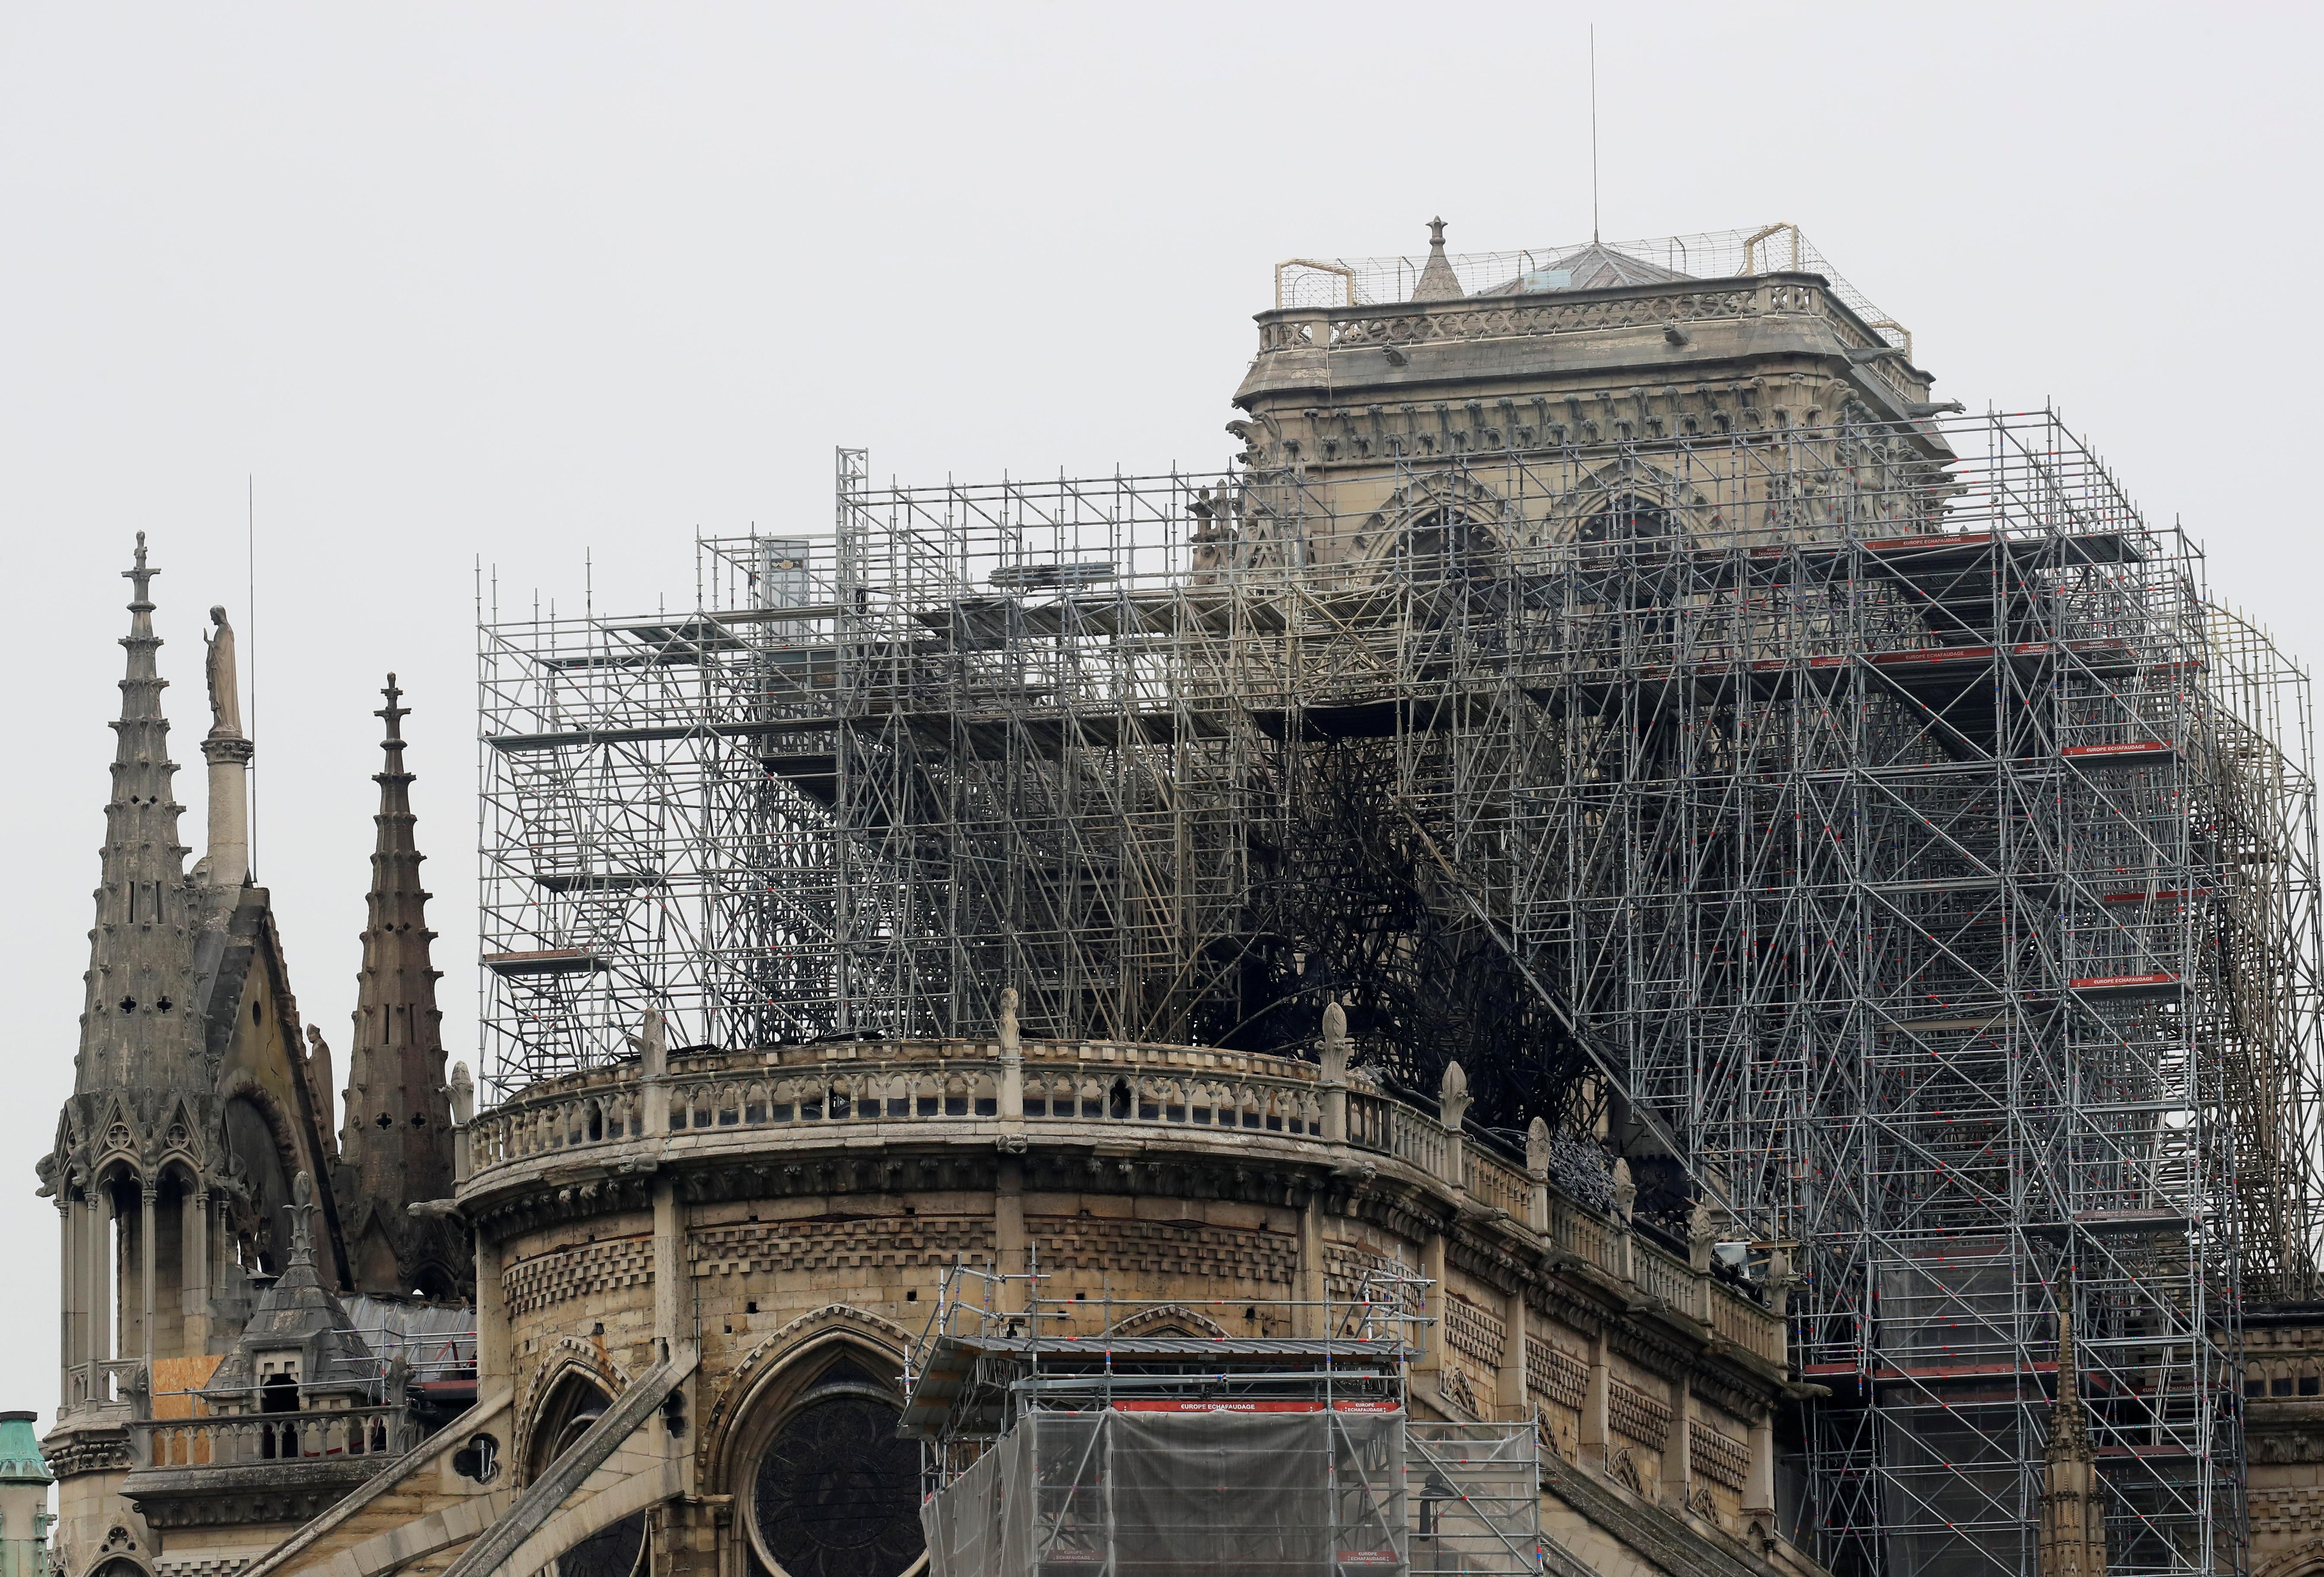 آثار الدمار التي لحقت بكاتدرائية نوتردام - 16 نيسان/أبريل 2019